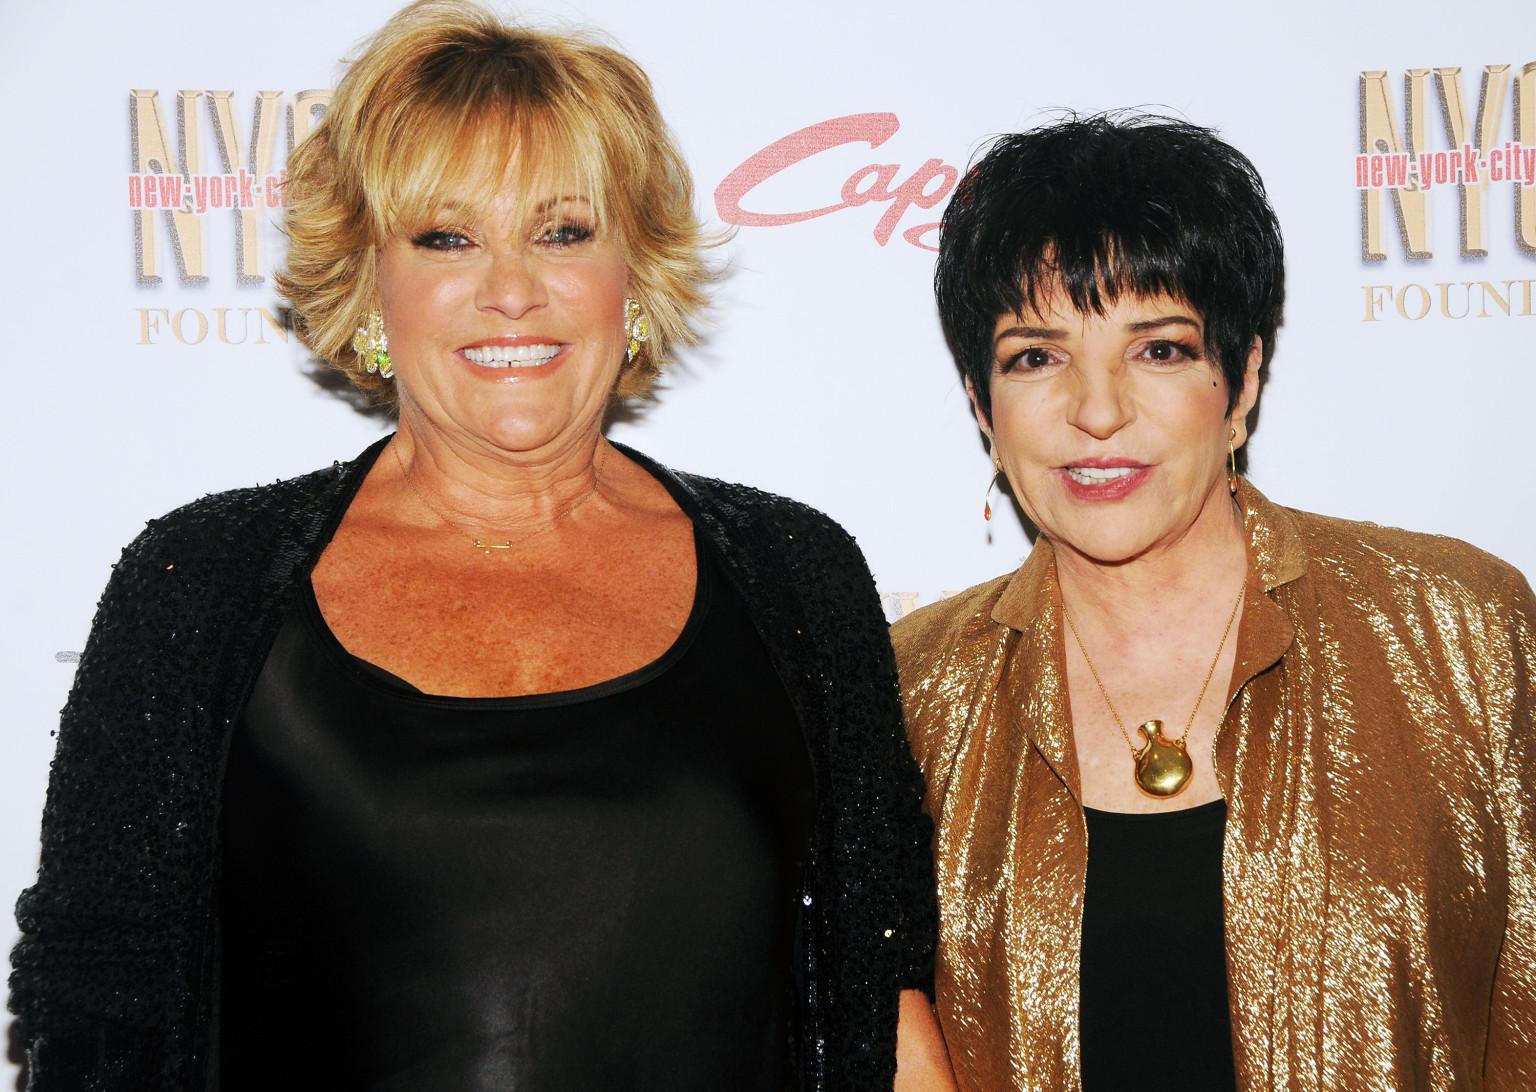 Liza Minnelli And Lorna Luft | www.pixshark.com - Images ...